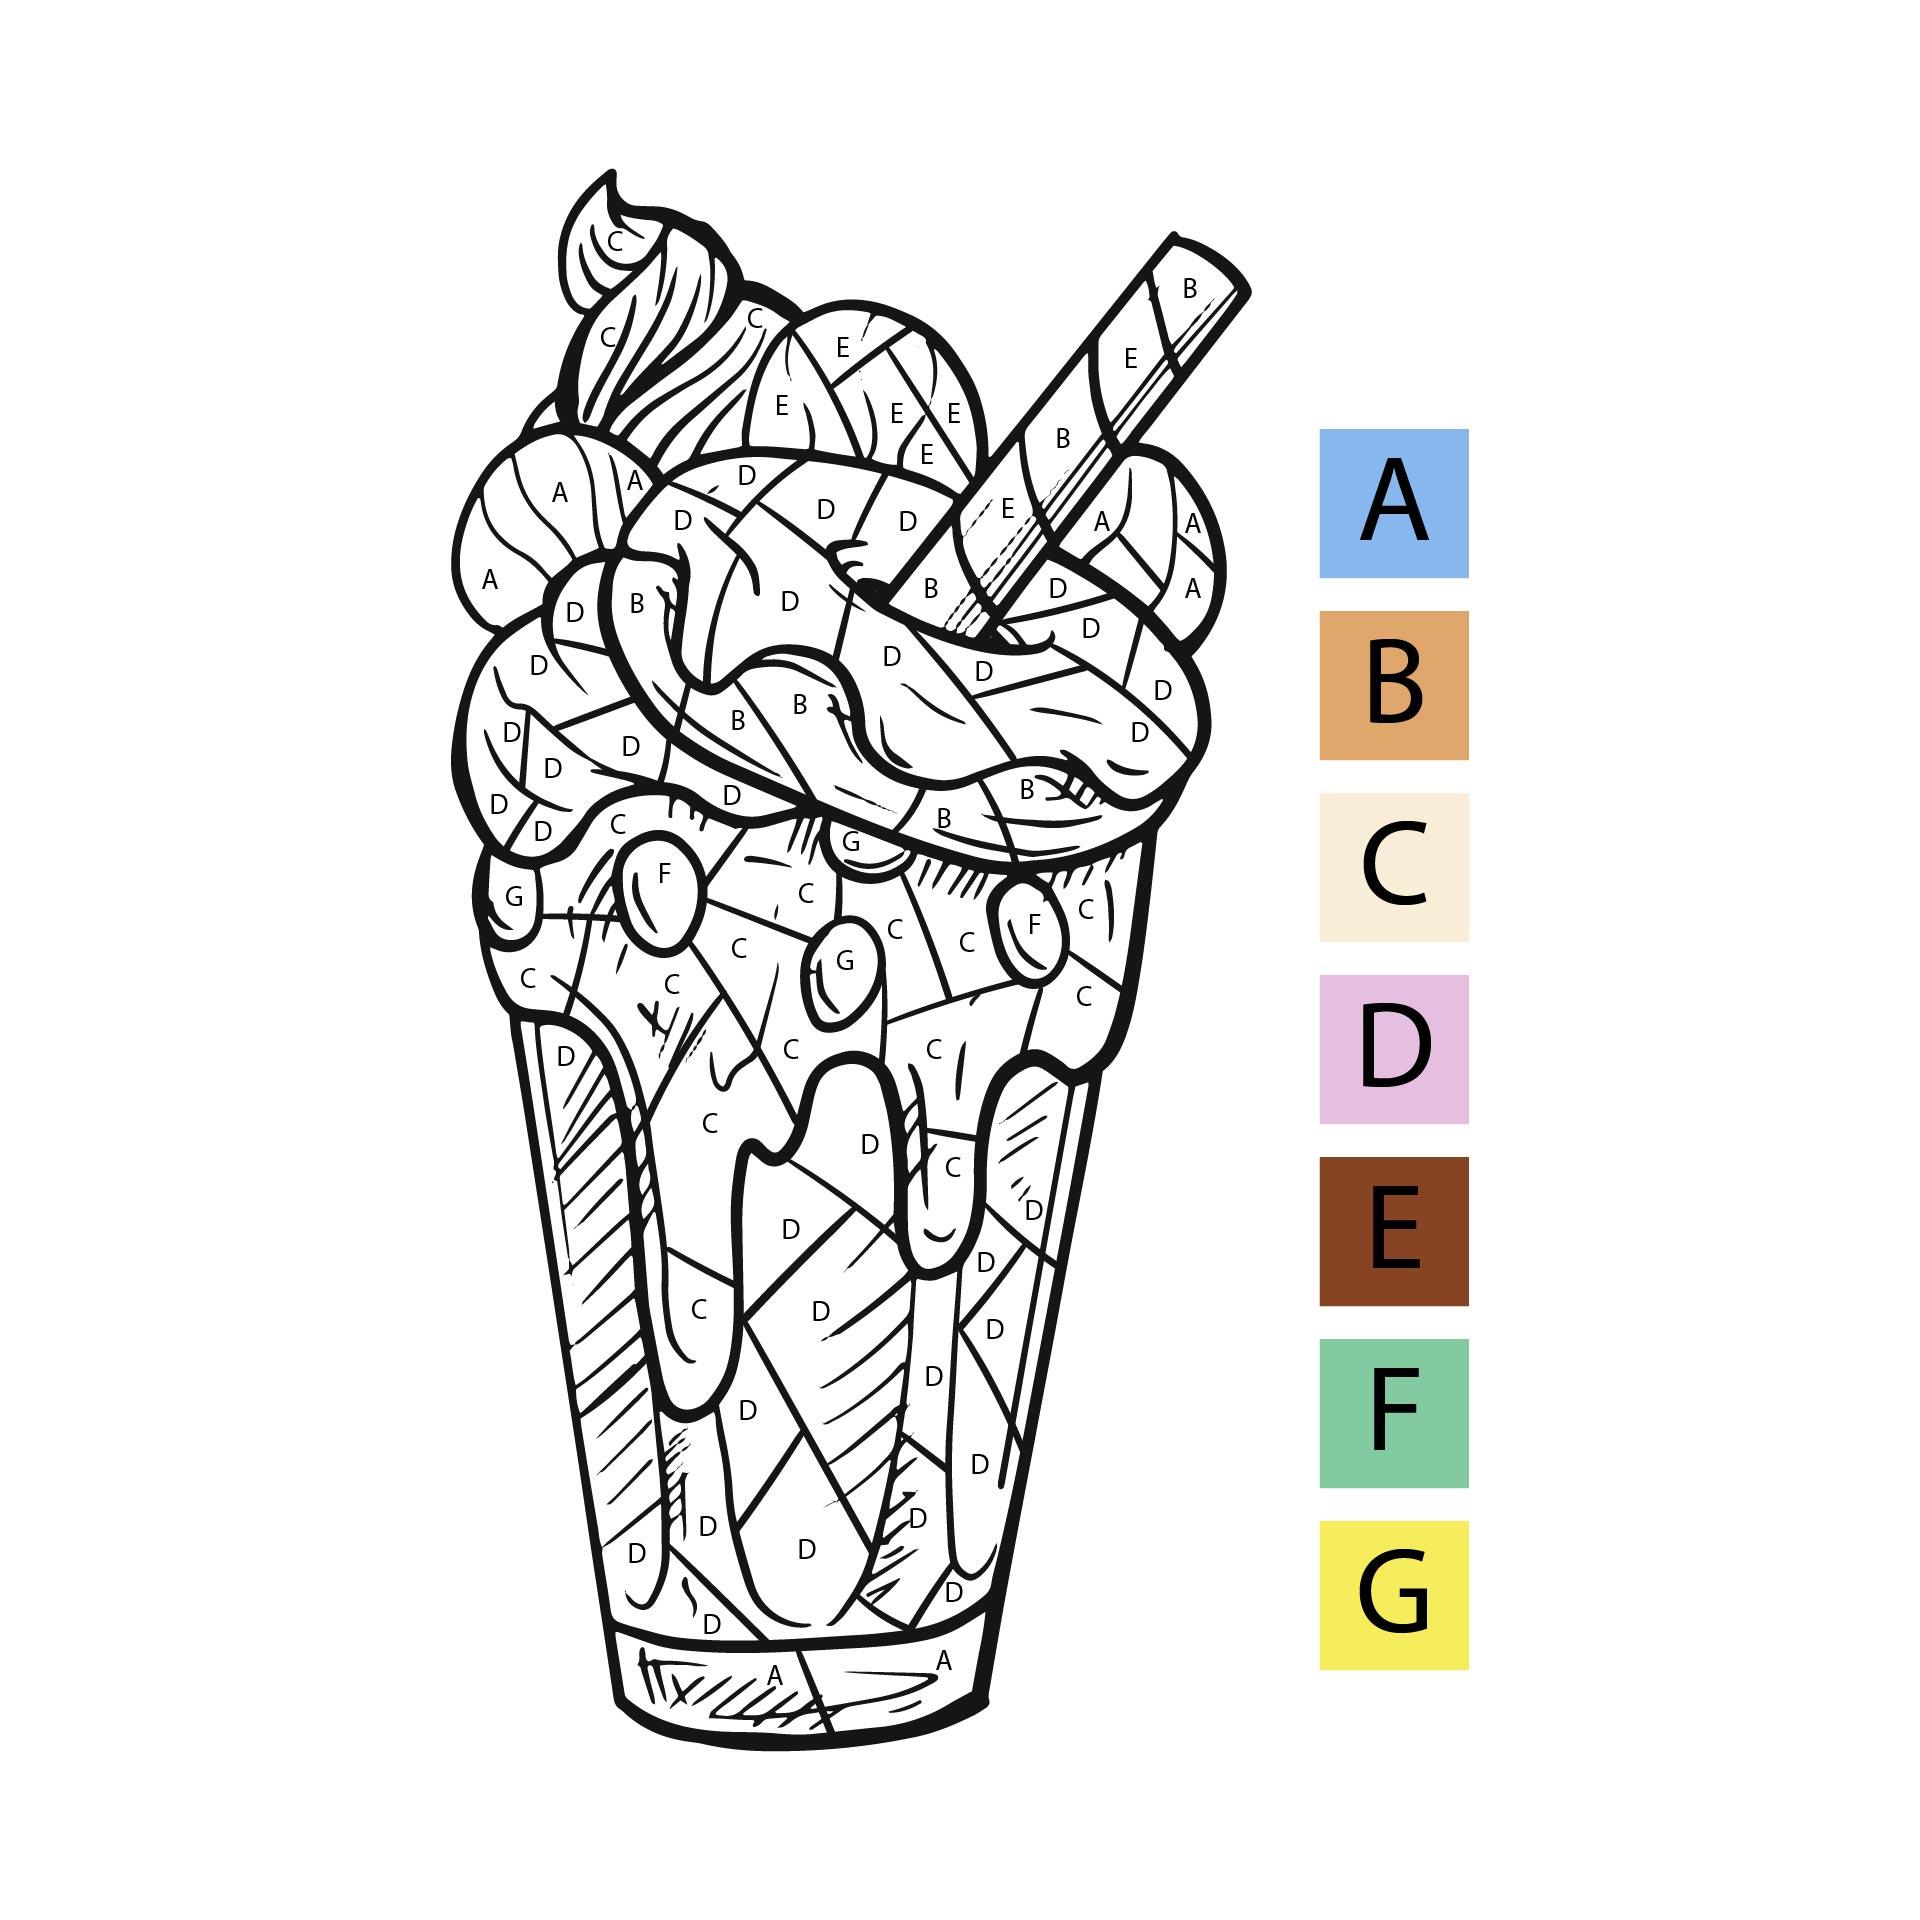 7 Best Images of Free Printable Preschool Worksheets Colors - Free ...